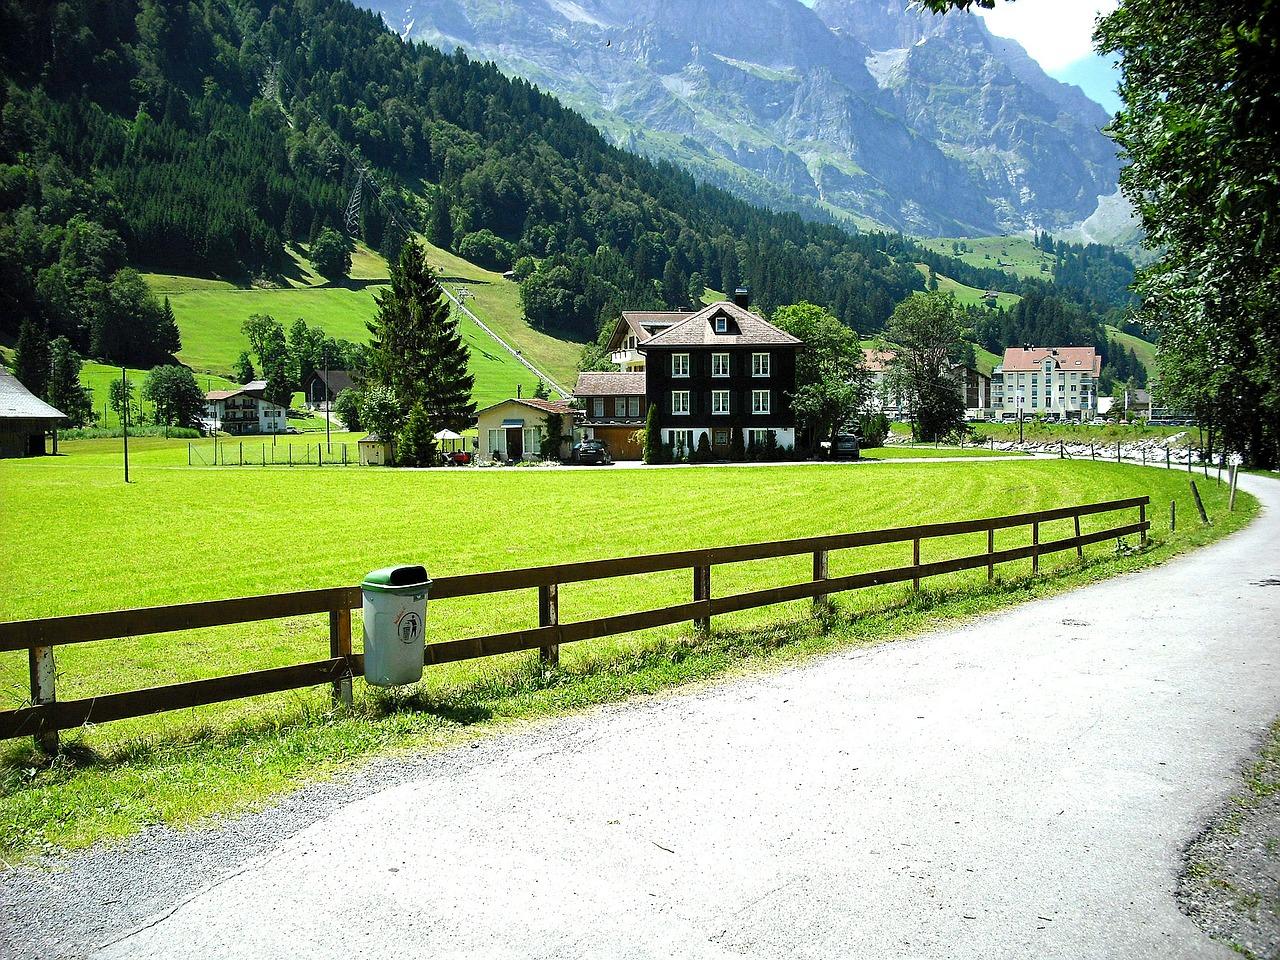 road-through-village-363359_1280